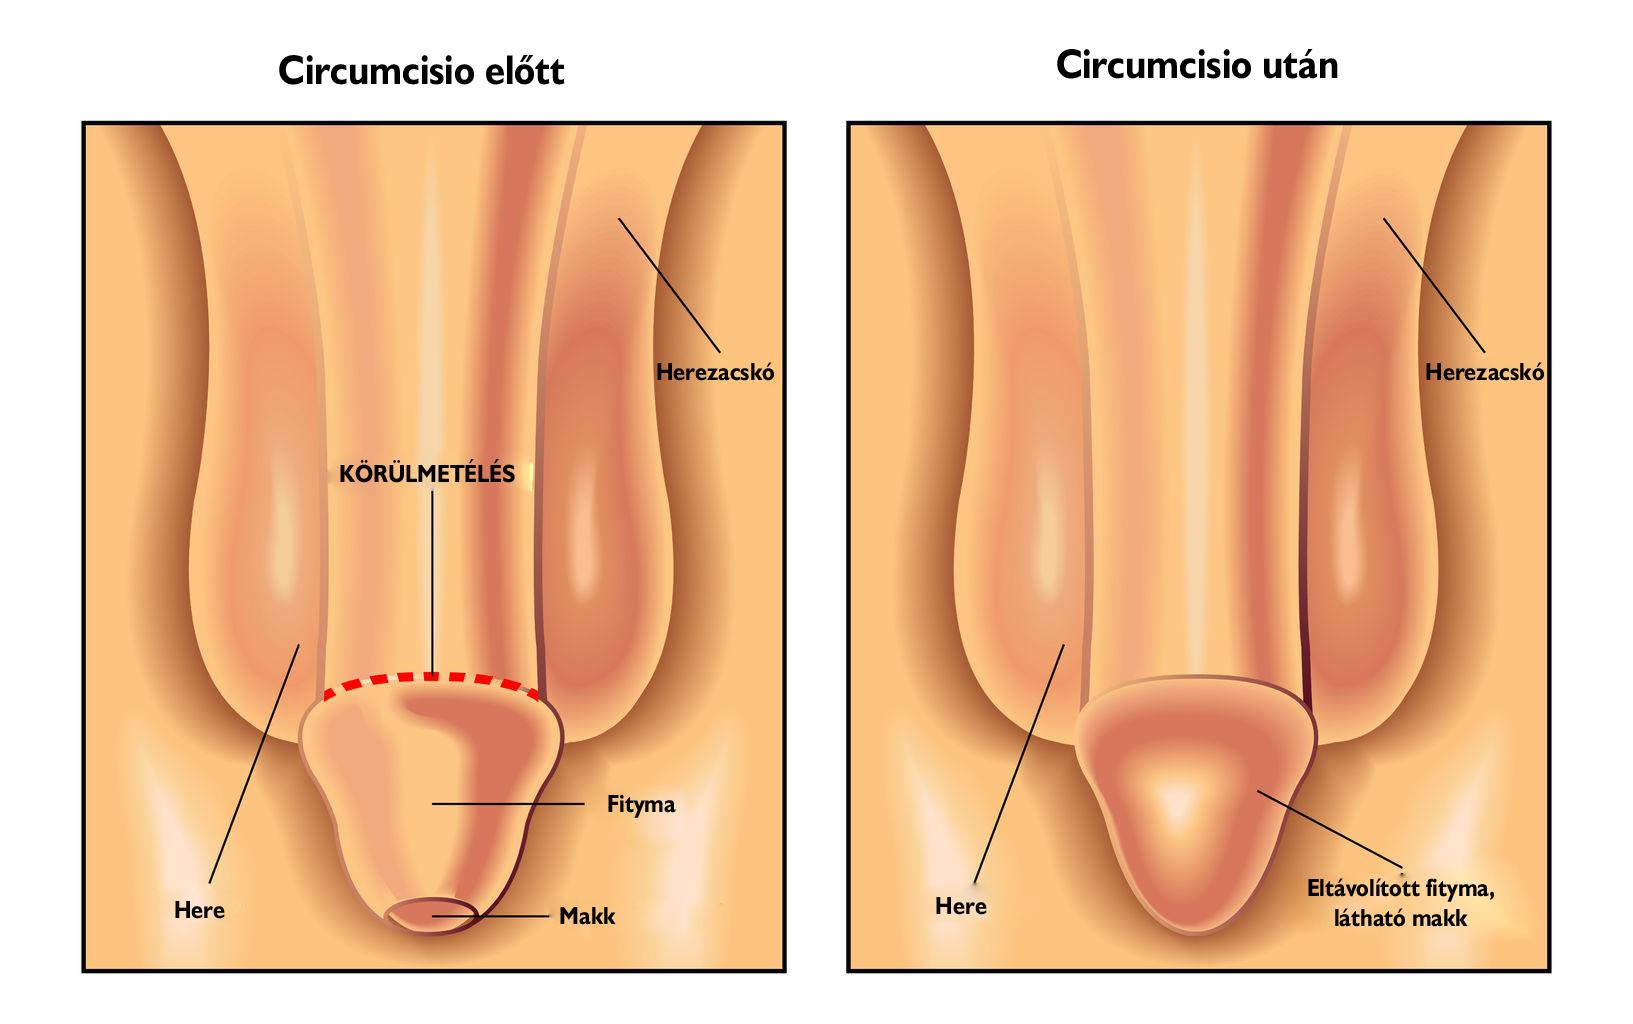 Rádióhullám a genitális szemölcsök eltávolítására. A genitális szemölcsök eltávolításának módszerei